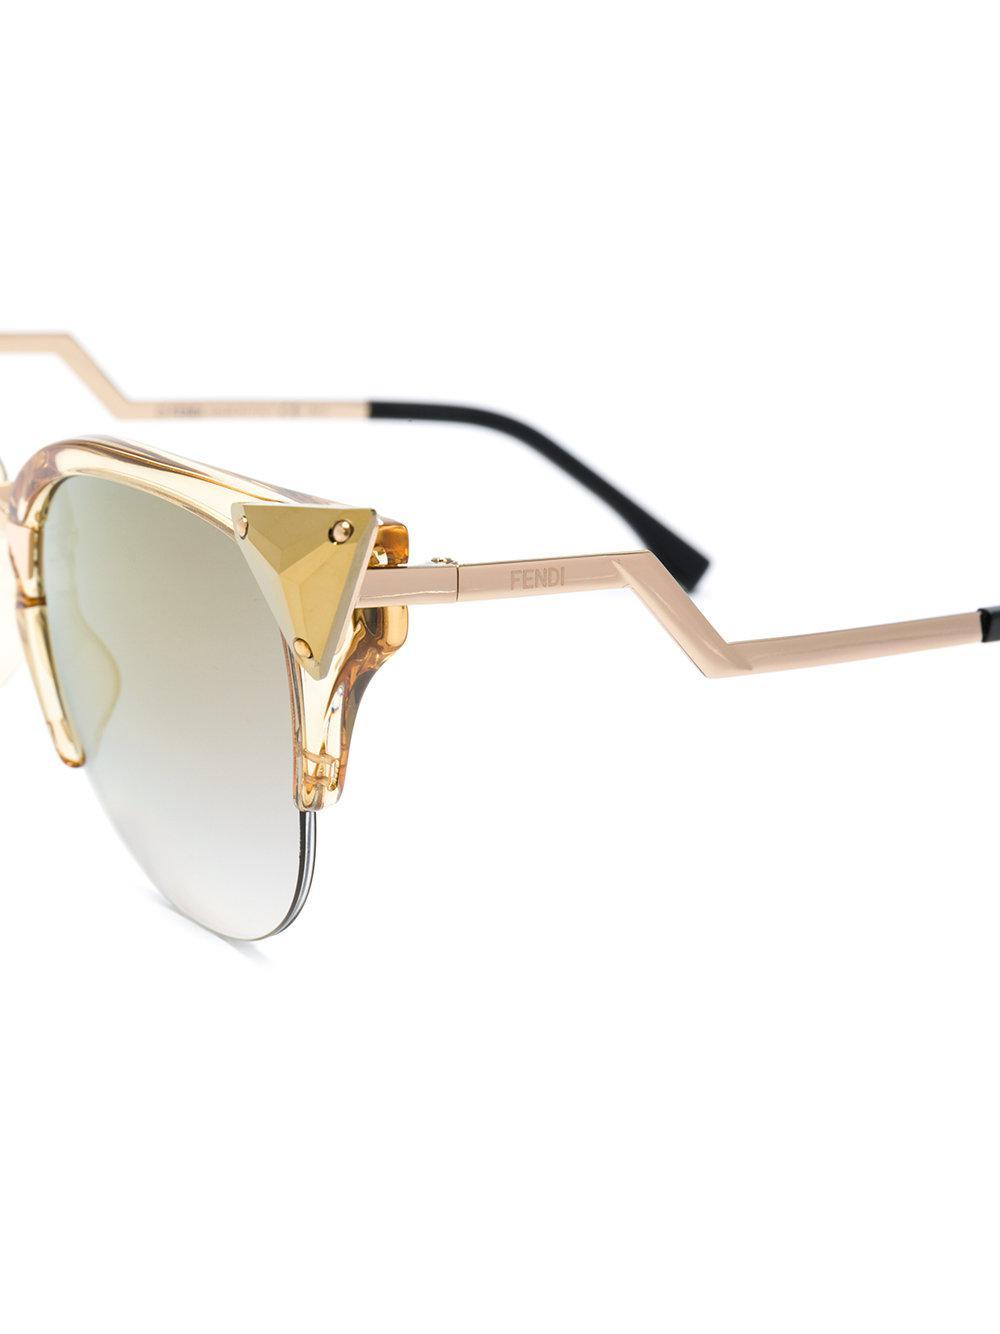 Fendi Cat Eye Sunglasses in Metallic